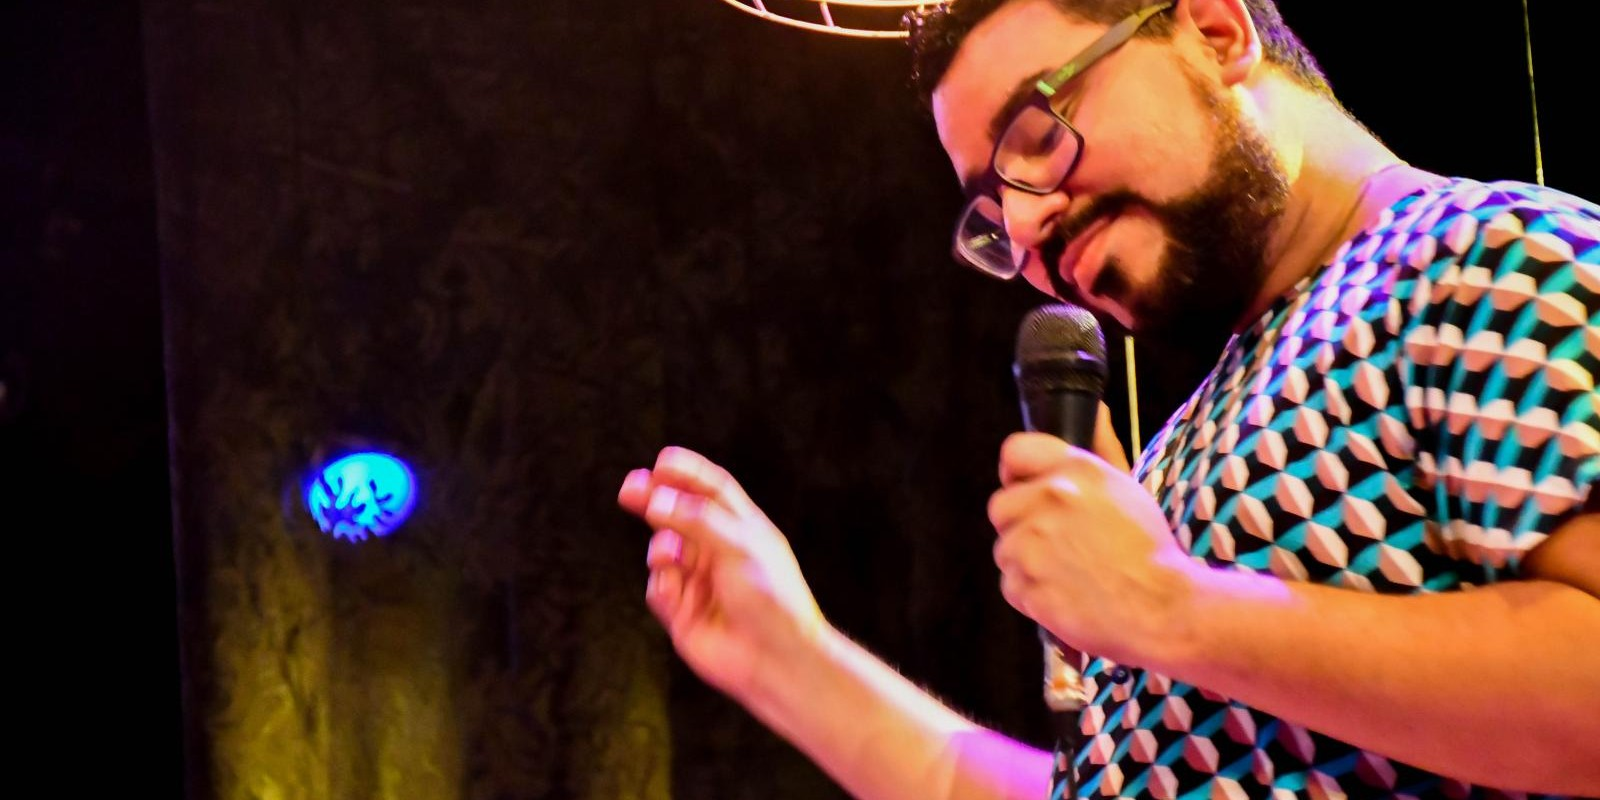 Sesc AP realiza evento com música e declamação poética sobre o Amapá